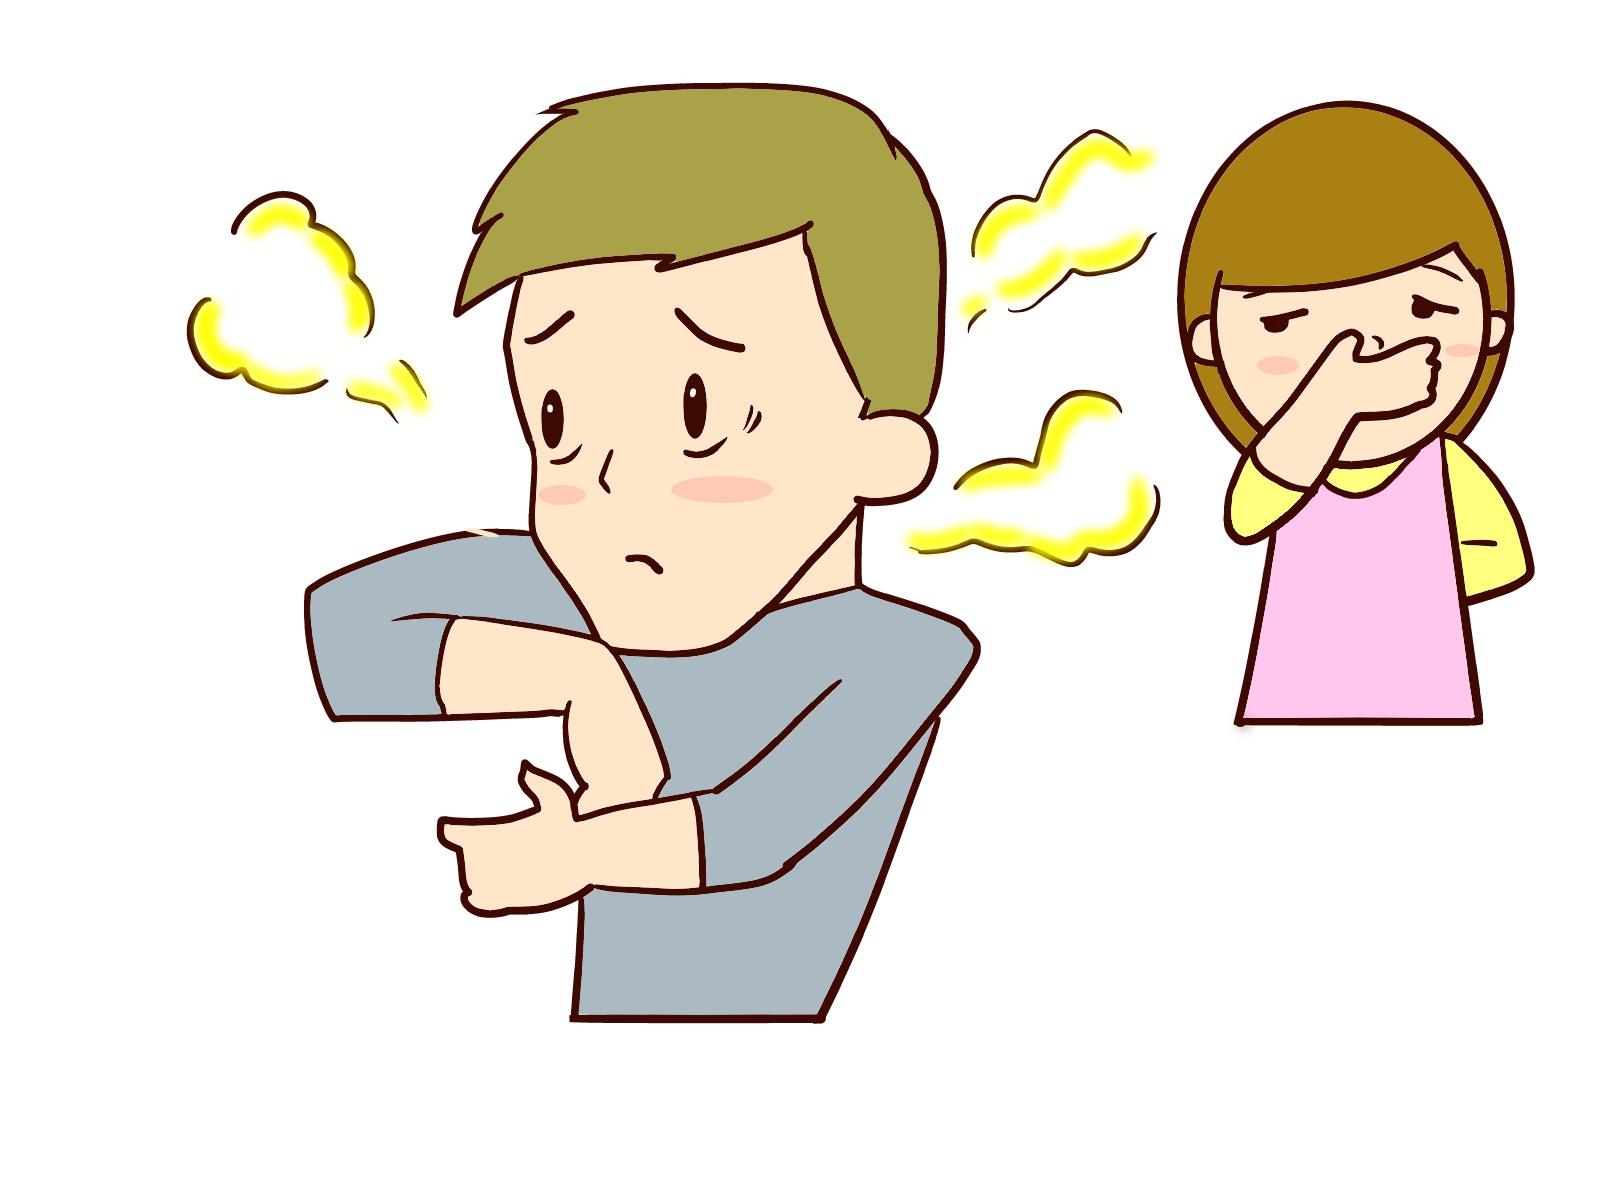 汗の匂いを消すにはスプレーかサプリか?でも、おすすめの方法はコレ!